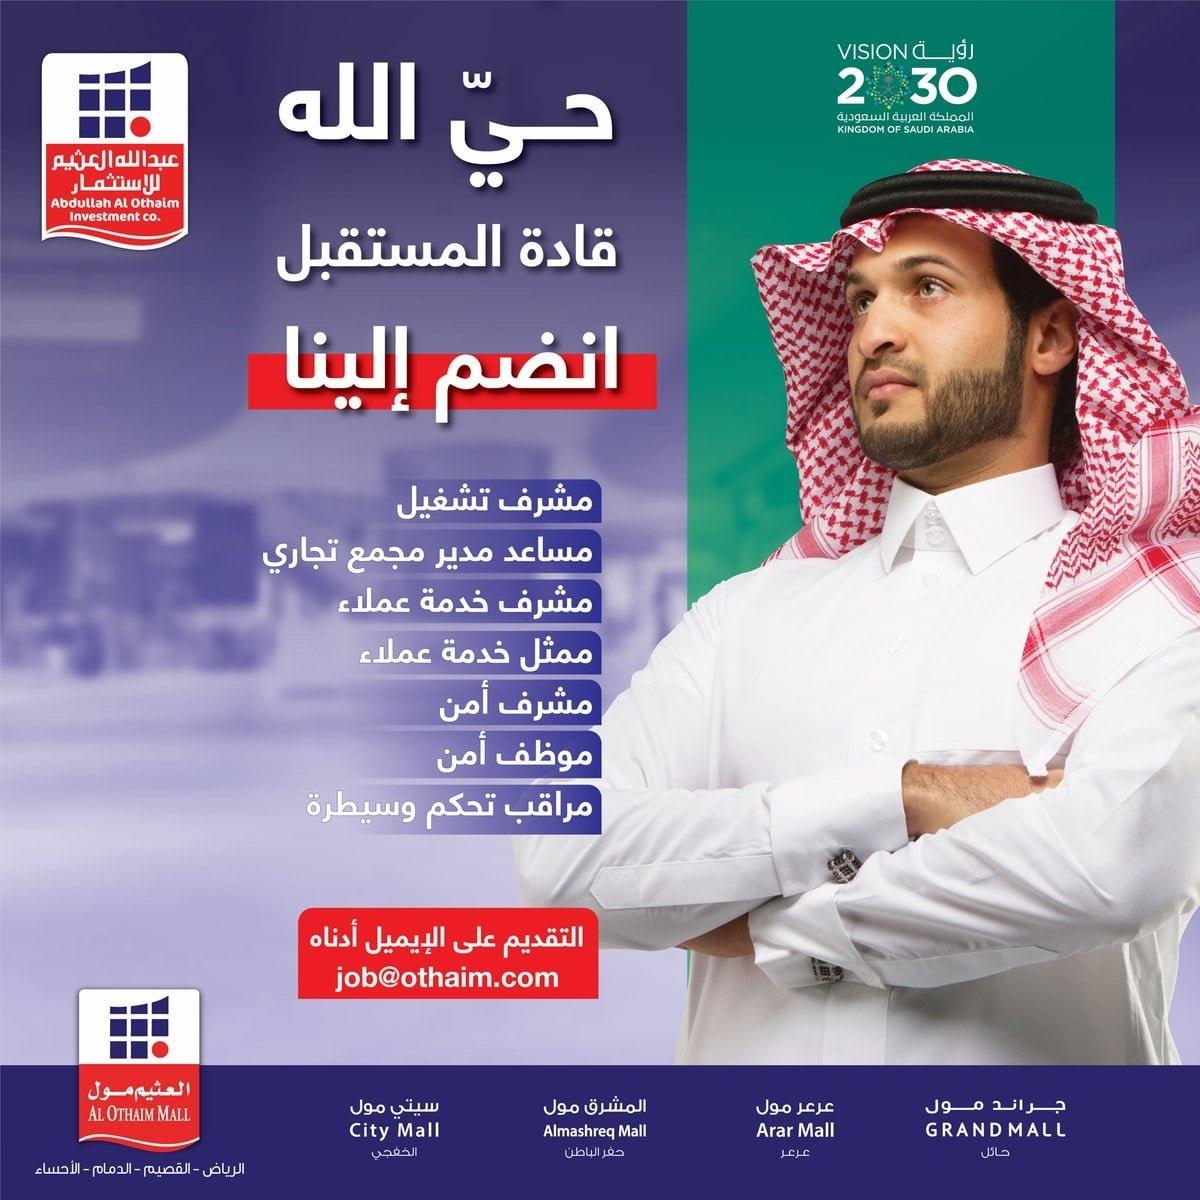 فتح باب التوظيف رجال / نساء بجميع فروعها بالمملكة لدى شركة عبدالله العثيم 3